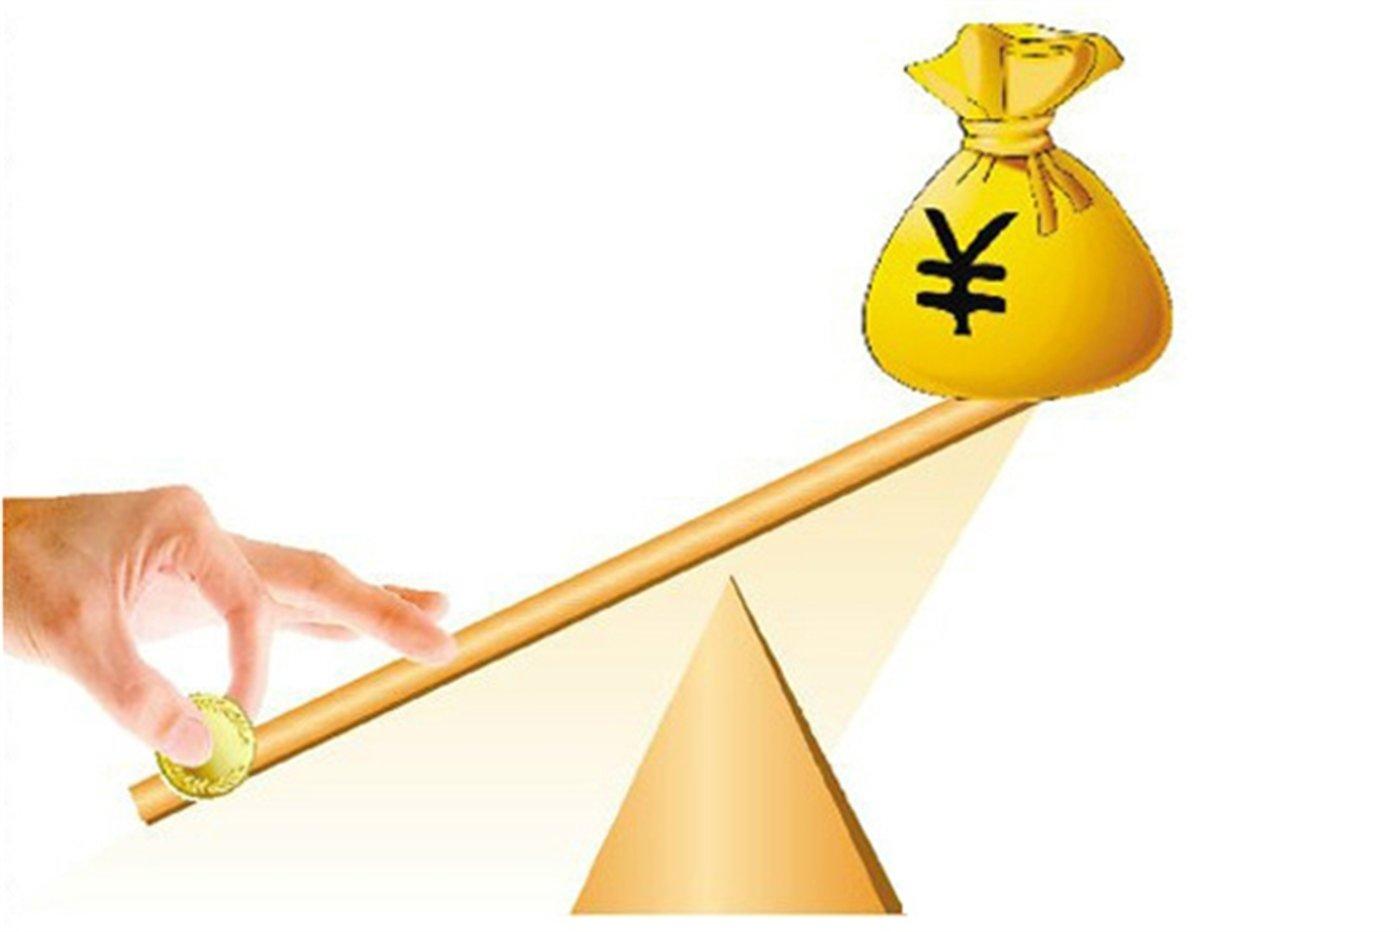 券商禁两融带动配资,从20世纪美国第一场股灾,再看两融配资下的杠杆A股